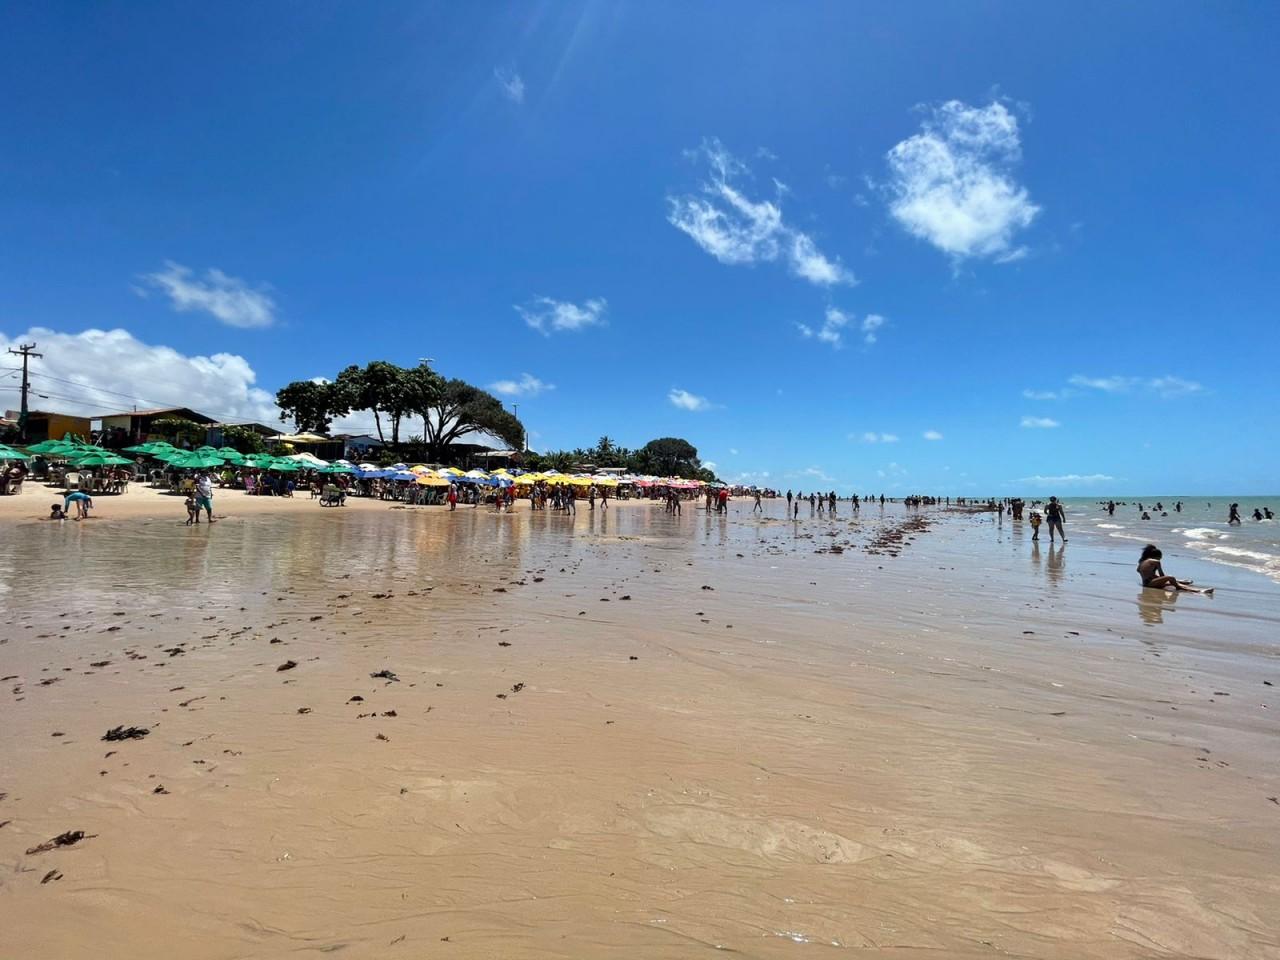 WhatsApp Image 2021 09 07 at 11.12.02 - LONGE DAS MANIFESTAÇÕES: Praias de JP registram grande acúmulo de pessoas neste feriado